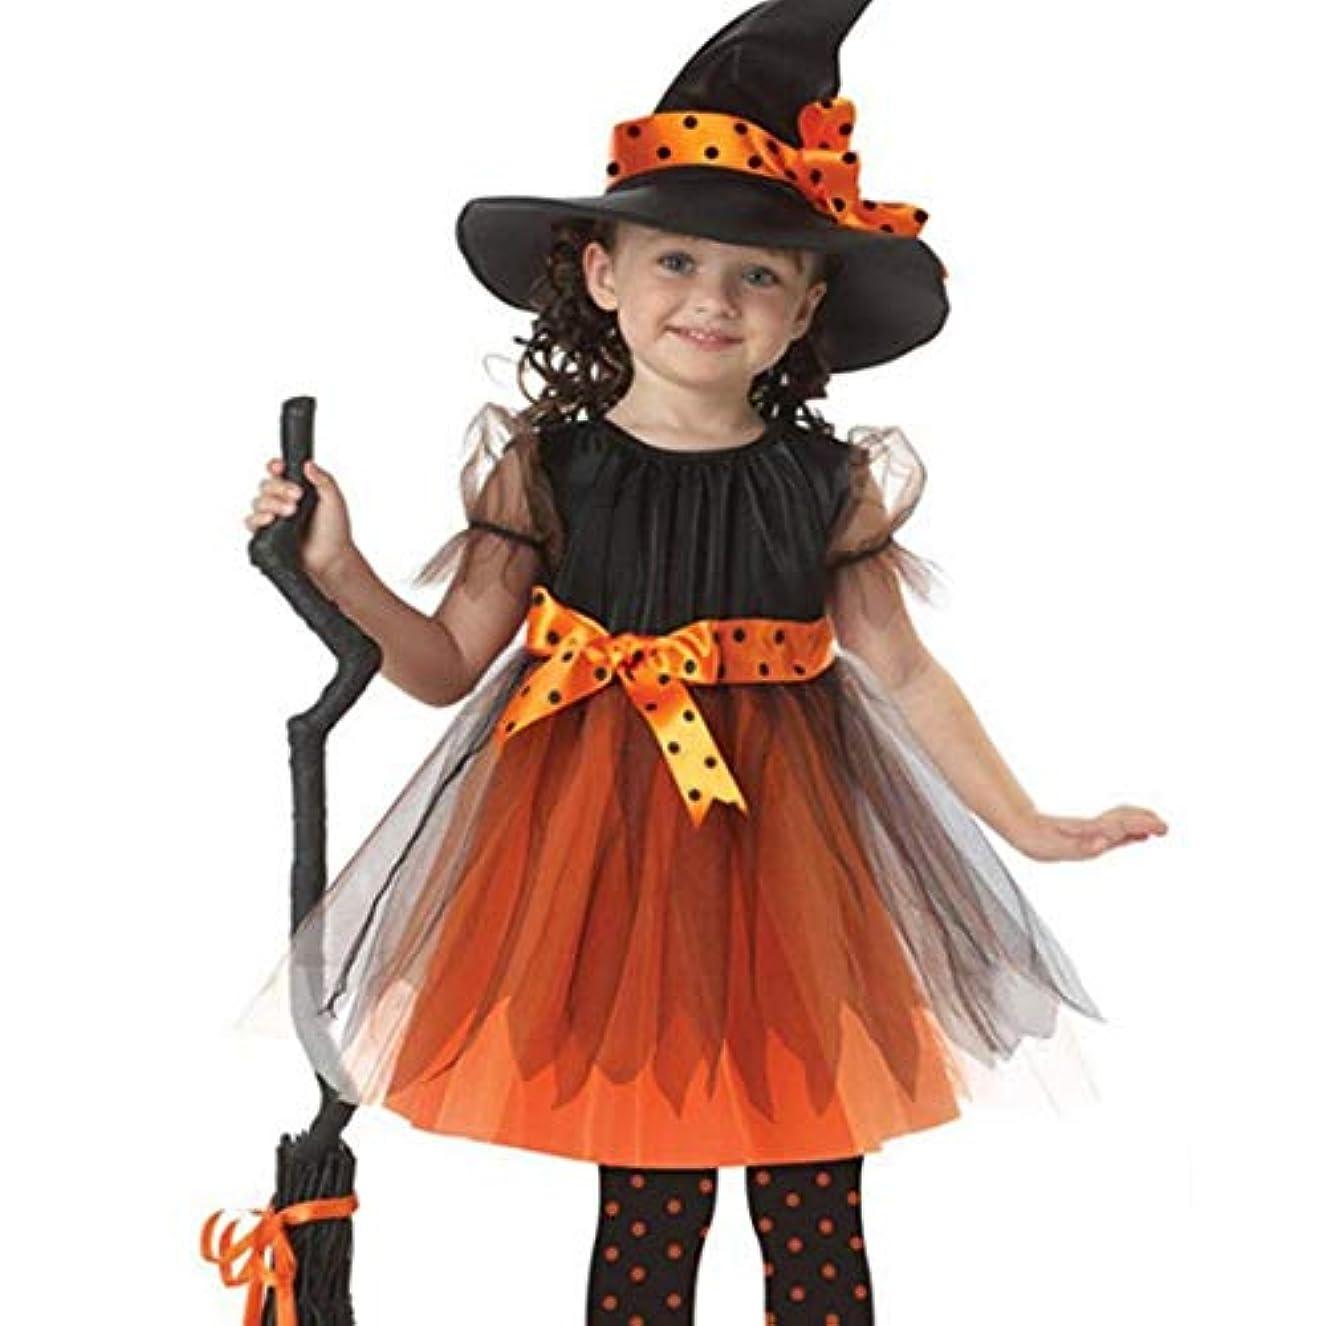 溝リベラル救出ハロウィンクリスマス子供服新しいコスチュームコスプレ魔女子供用ダンス服スカート+帽子